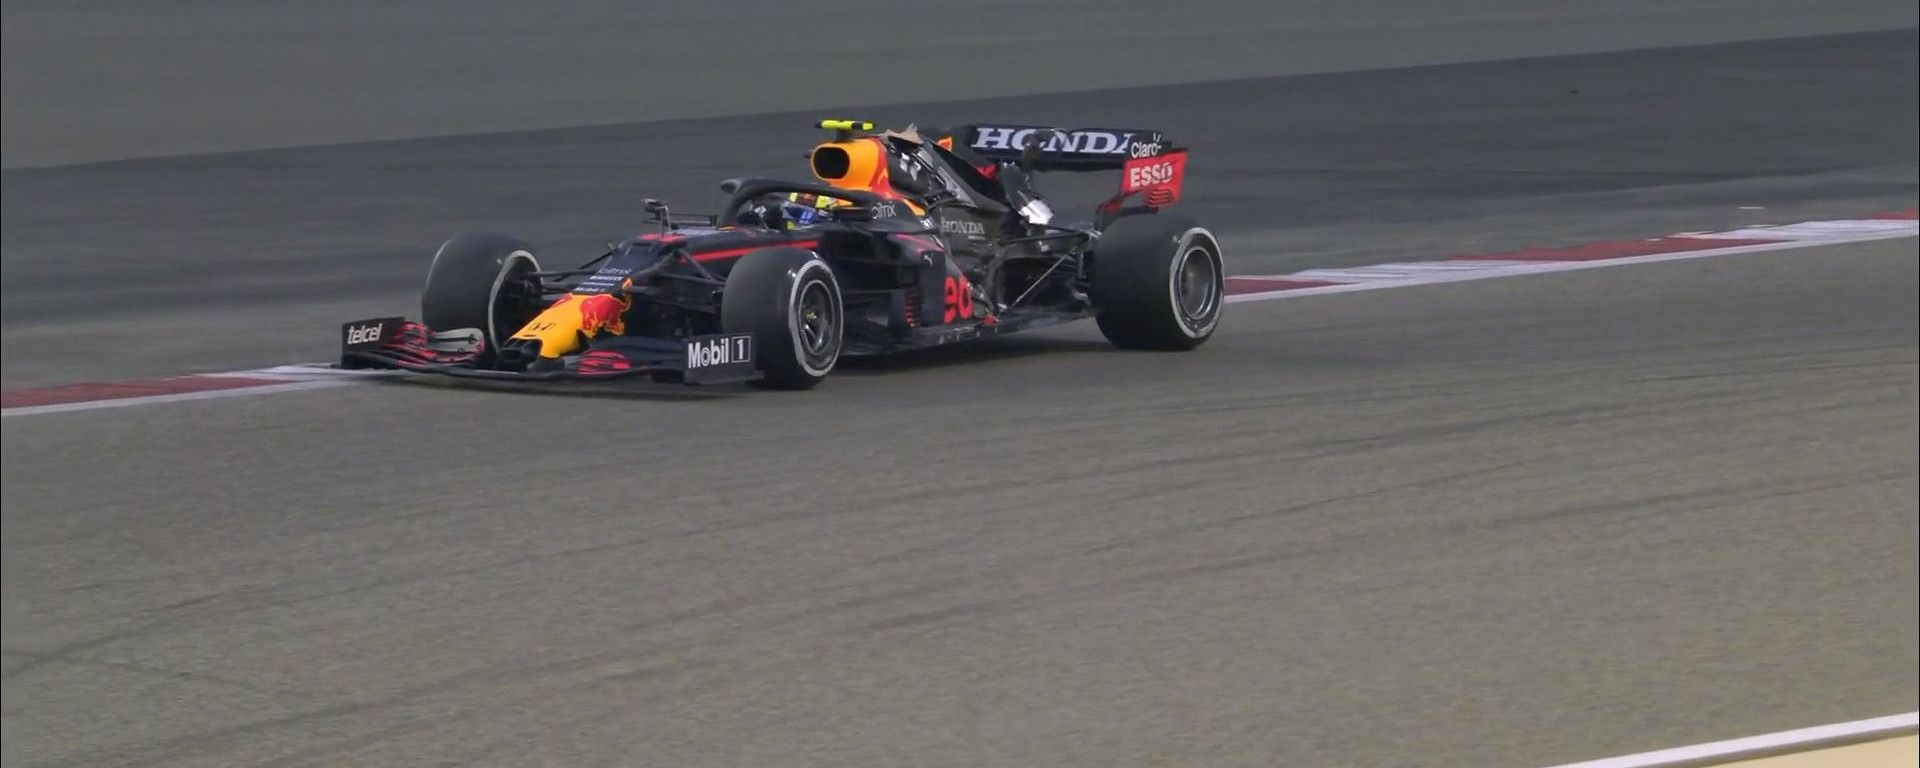 Brivido Red Bull: Perez perde il cofano in rettilineo